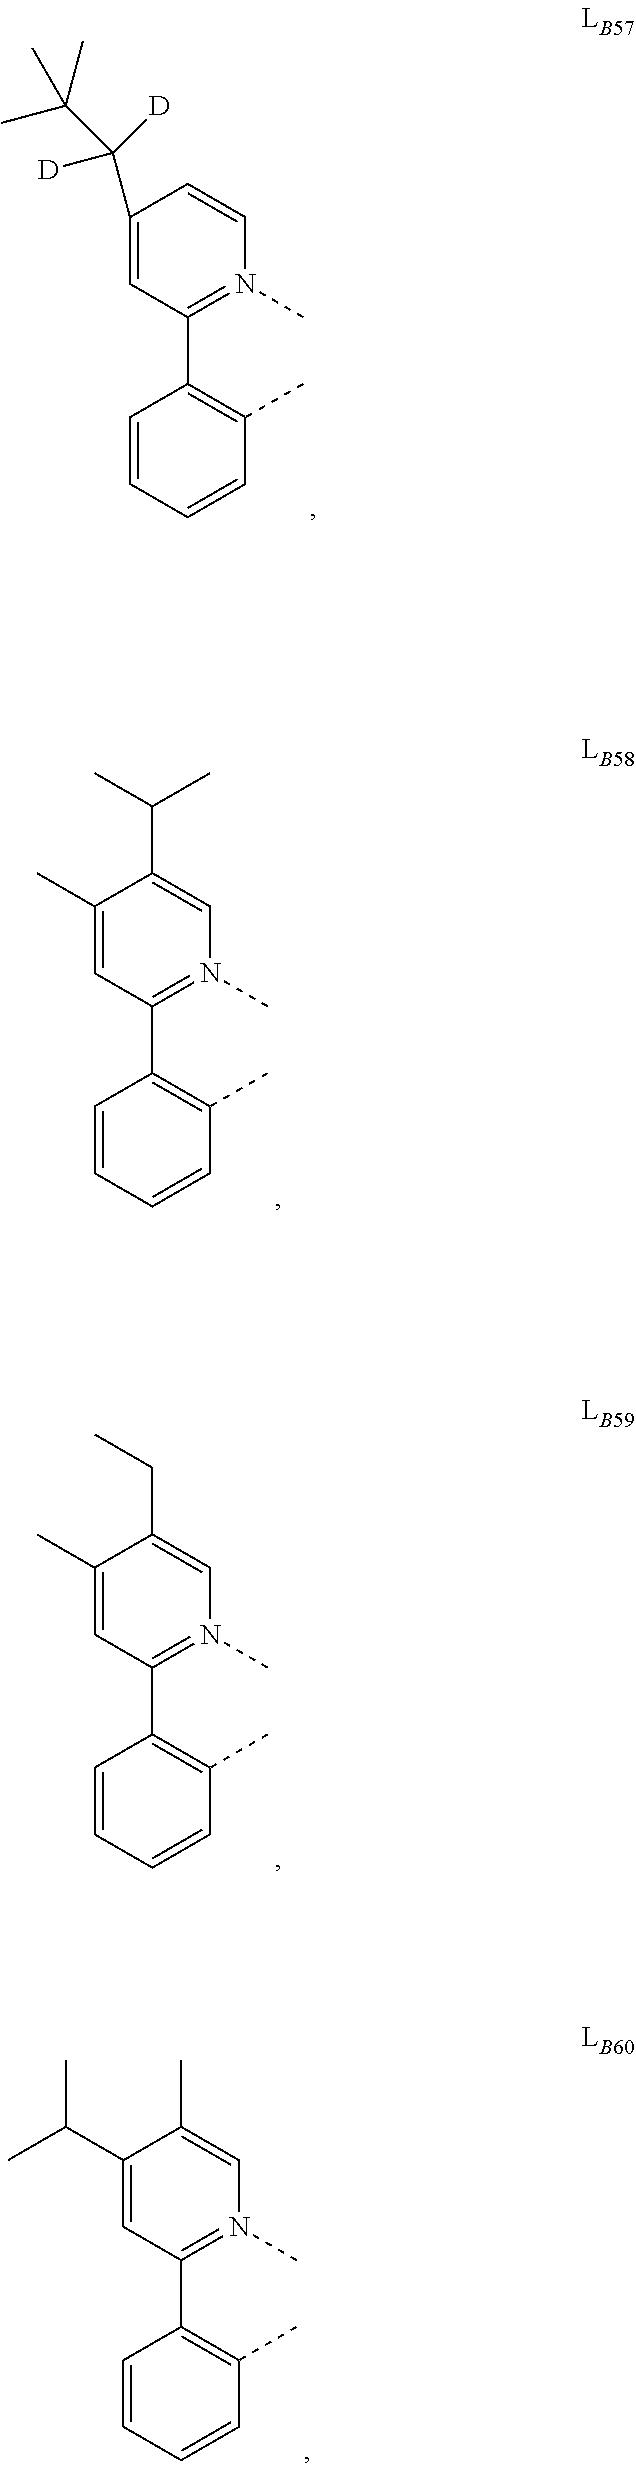 Figure US20160049599A1-20160218-C00507